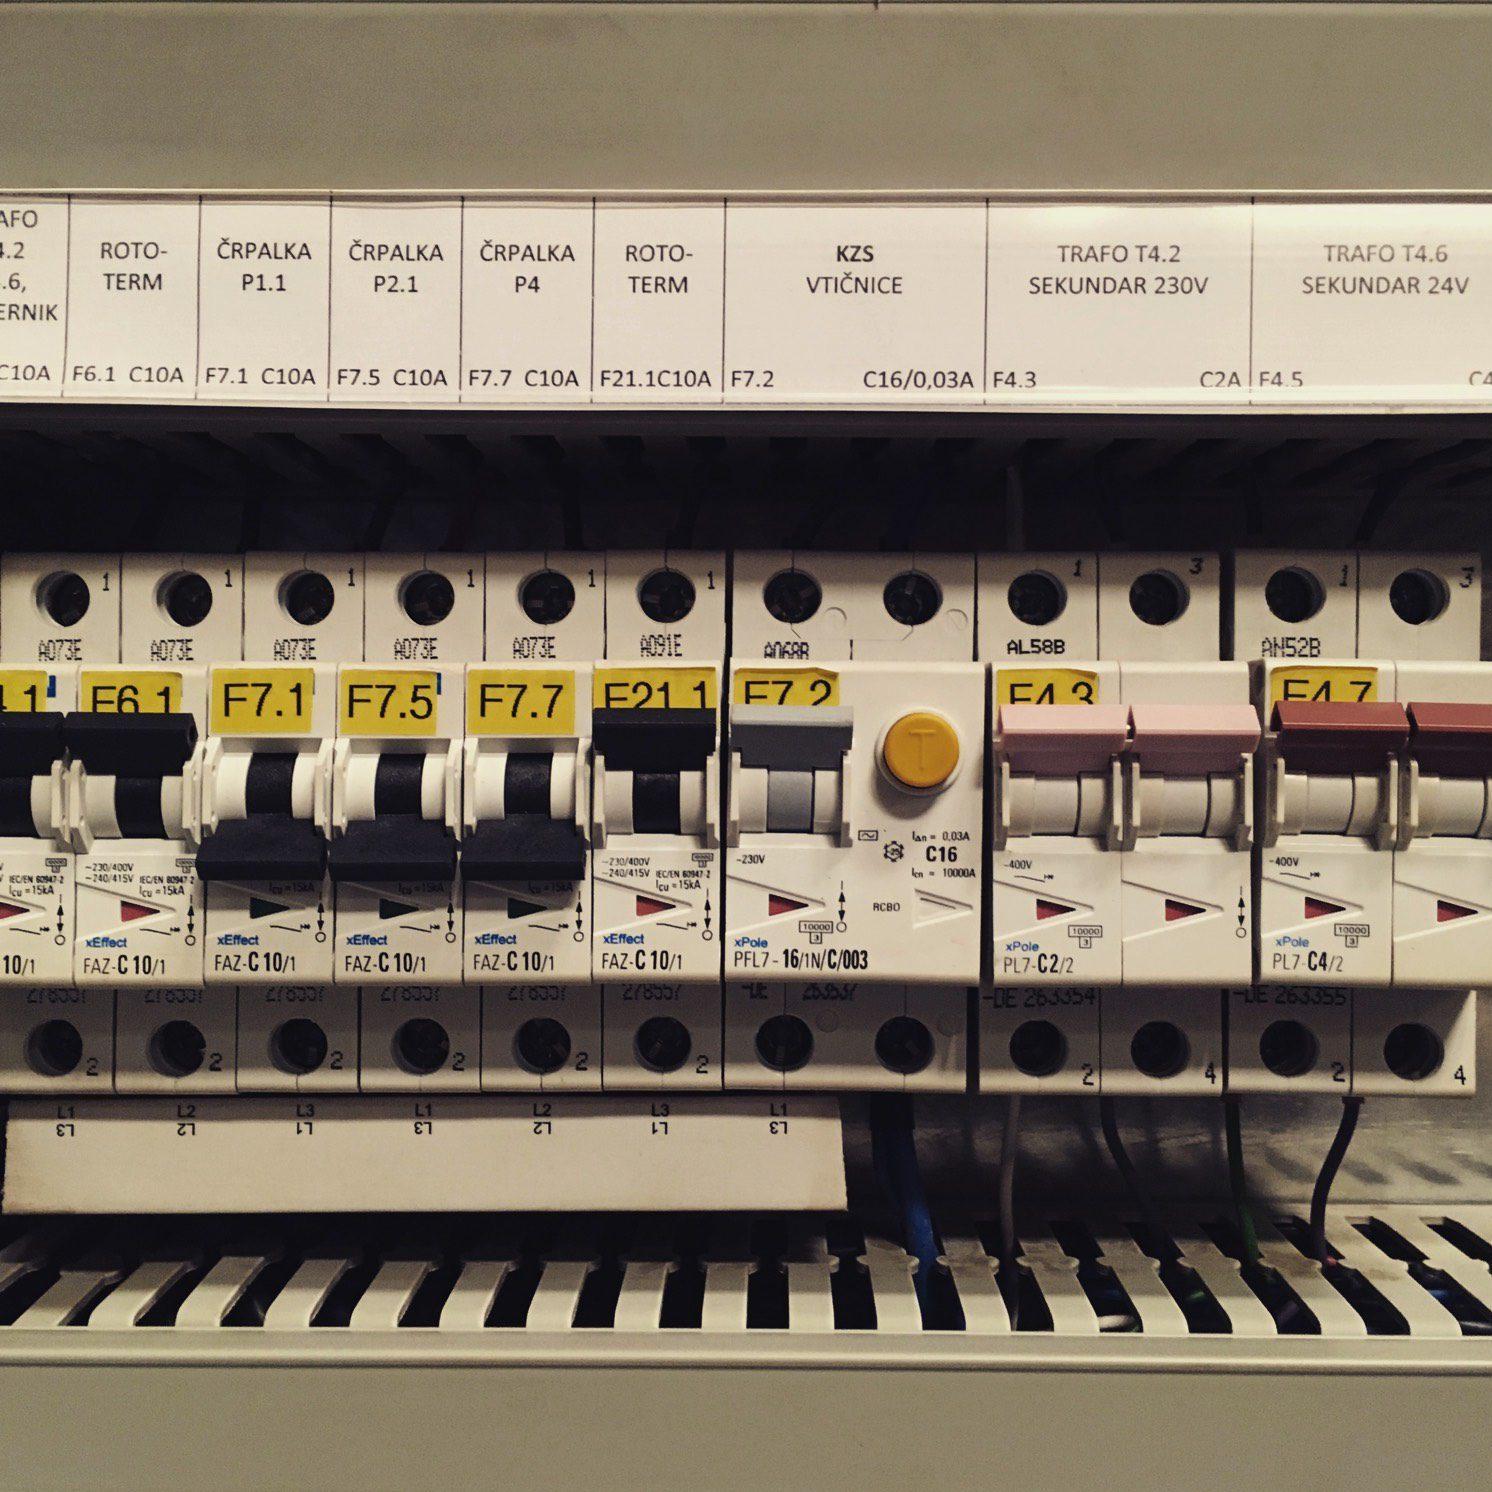 Avtomatizacija-zgradb-elektro-omarica